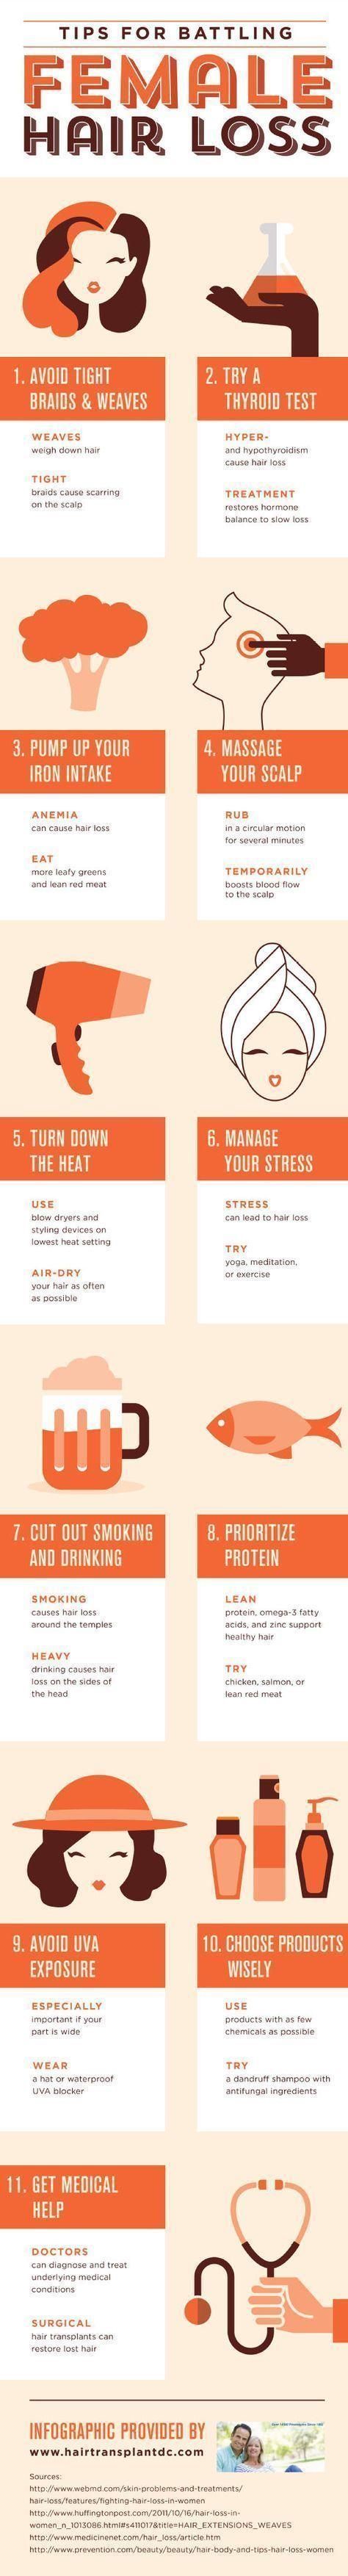 Tips for Battling Female Hair Loss #haircarefordamagedhair, #hairlosstreatmentformen #hairlossmen